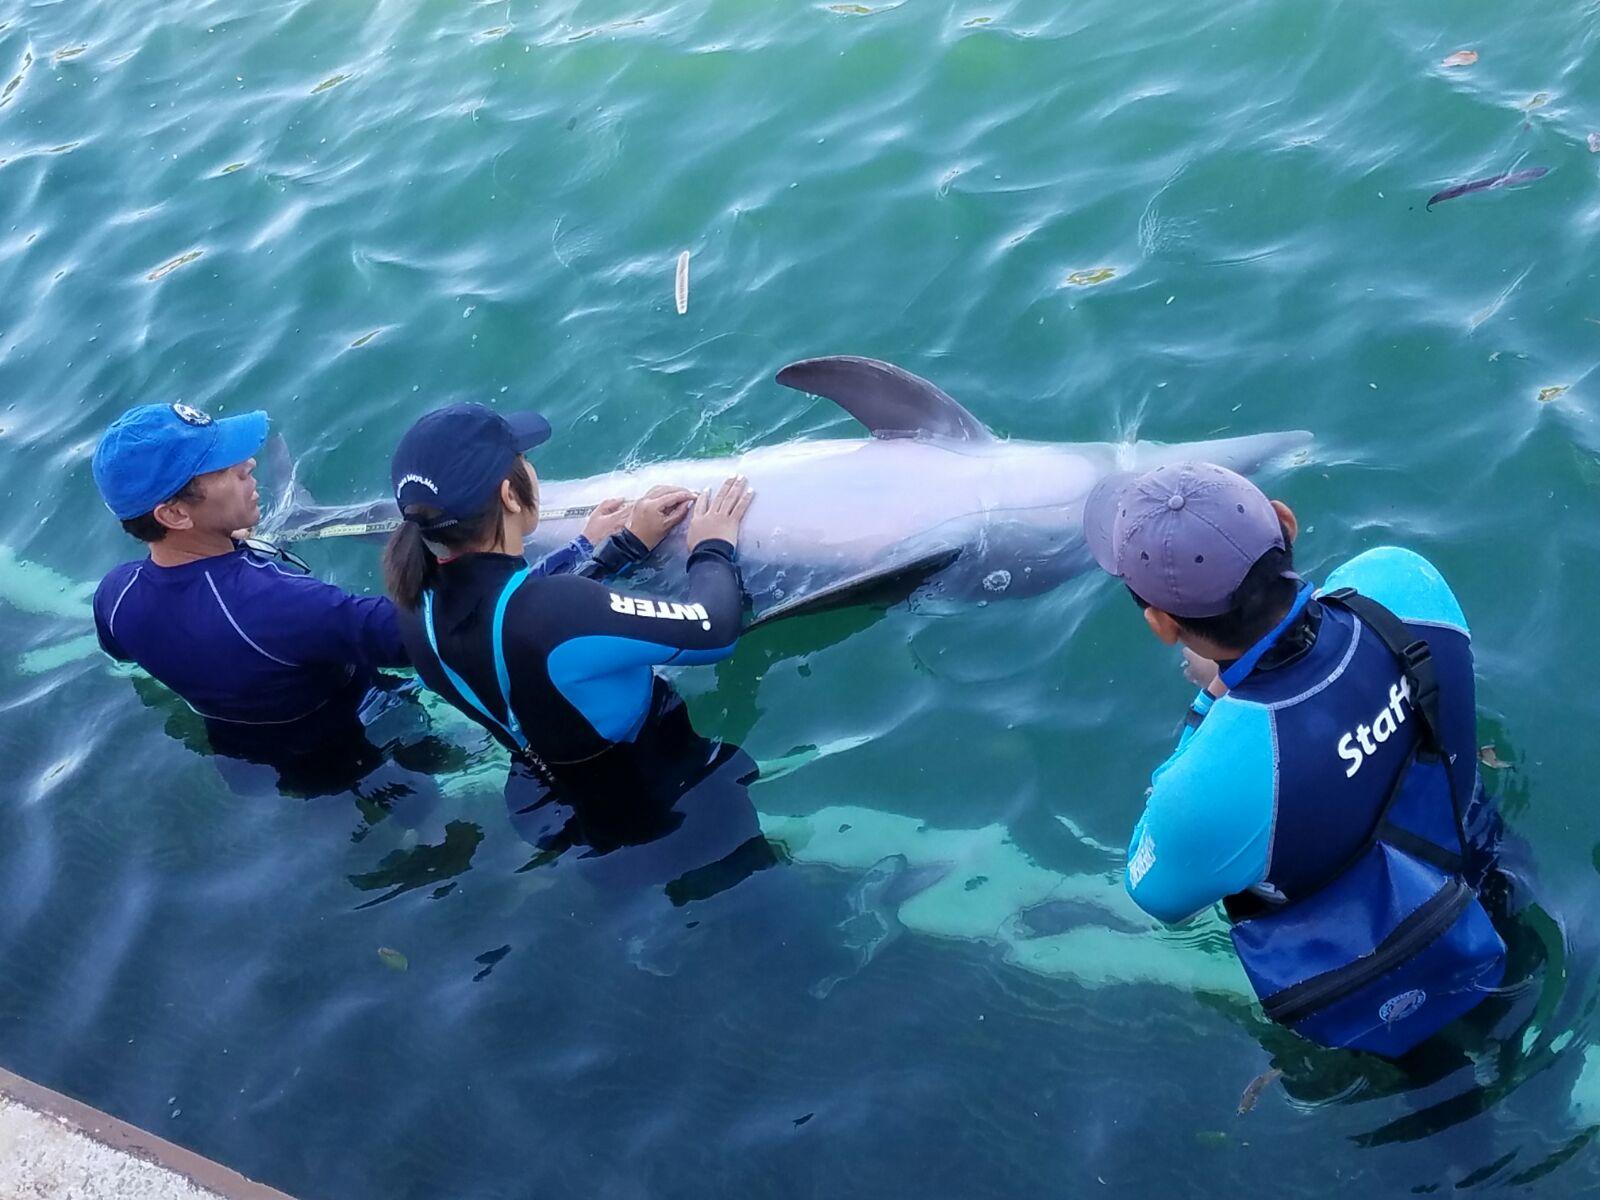 Estudiantes de Bayamón Realizan Investigación con Animales Marinos en Dolphin Discovery